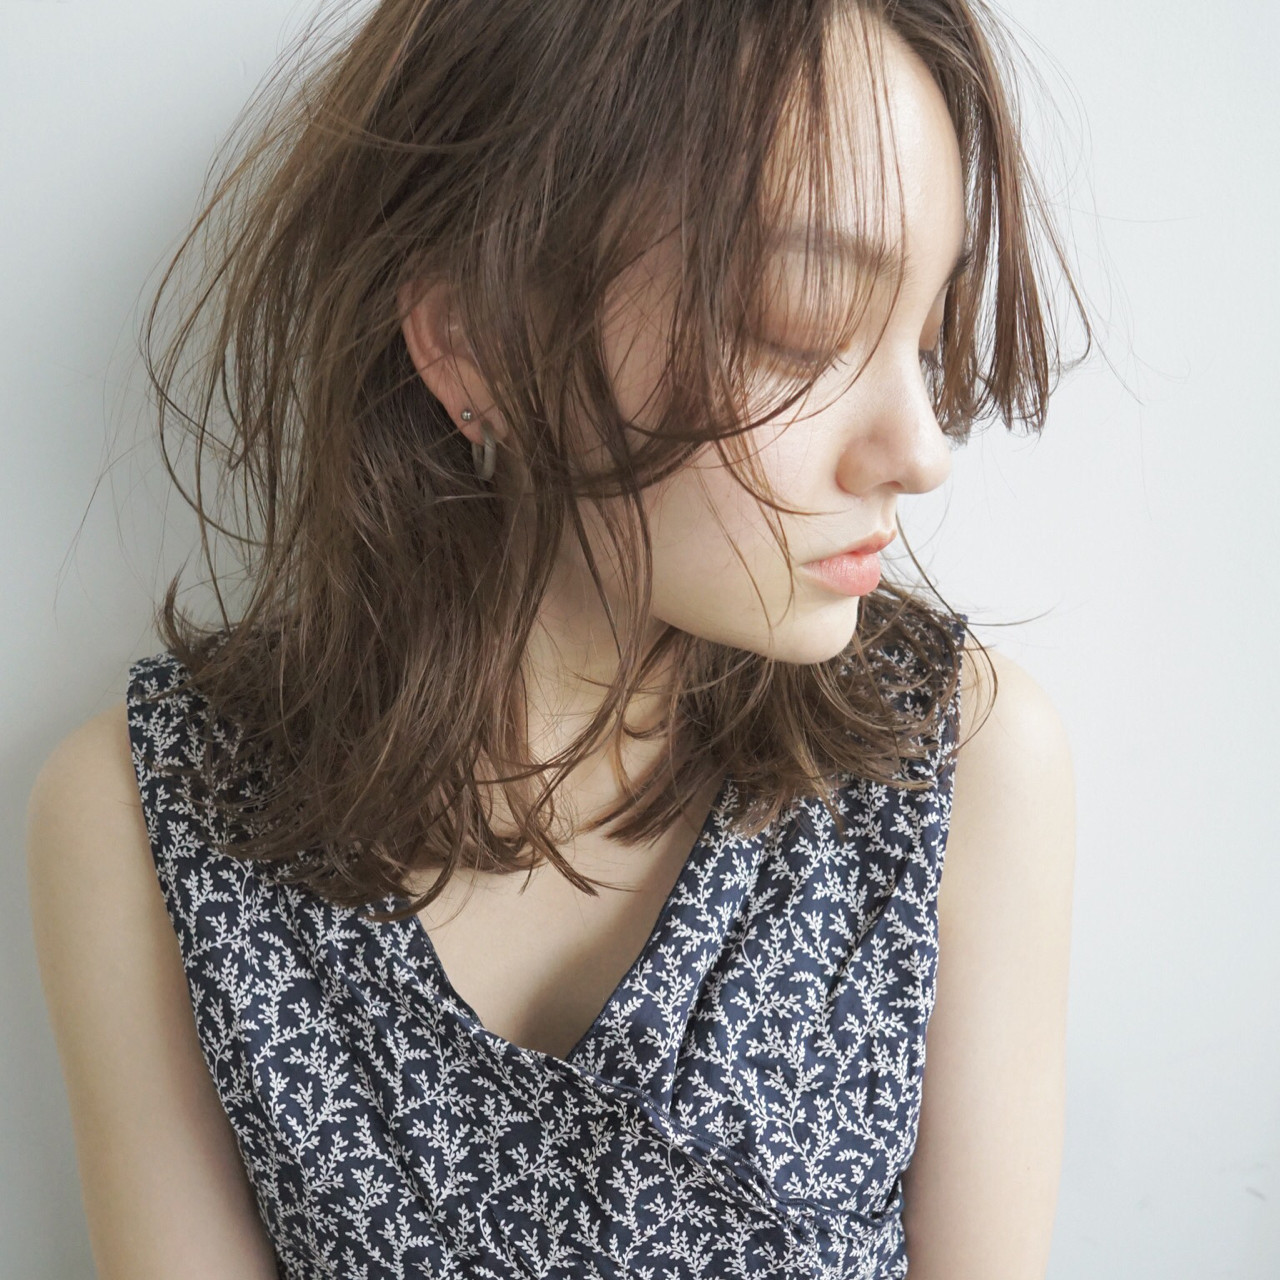 くせ毛風パーマに合うのは透け感のあるヘアカラー UEKI/nanuk  nanuk二子玉川